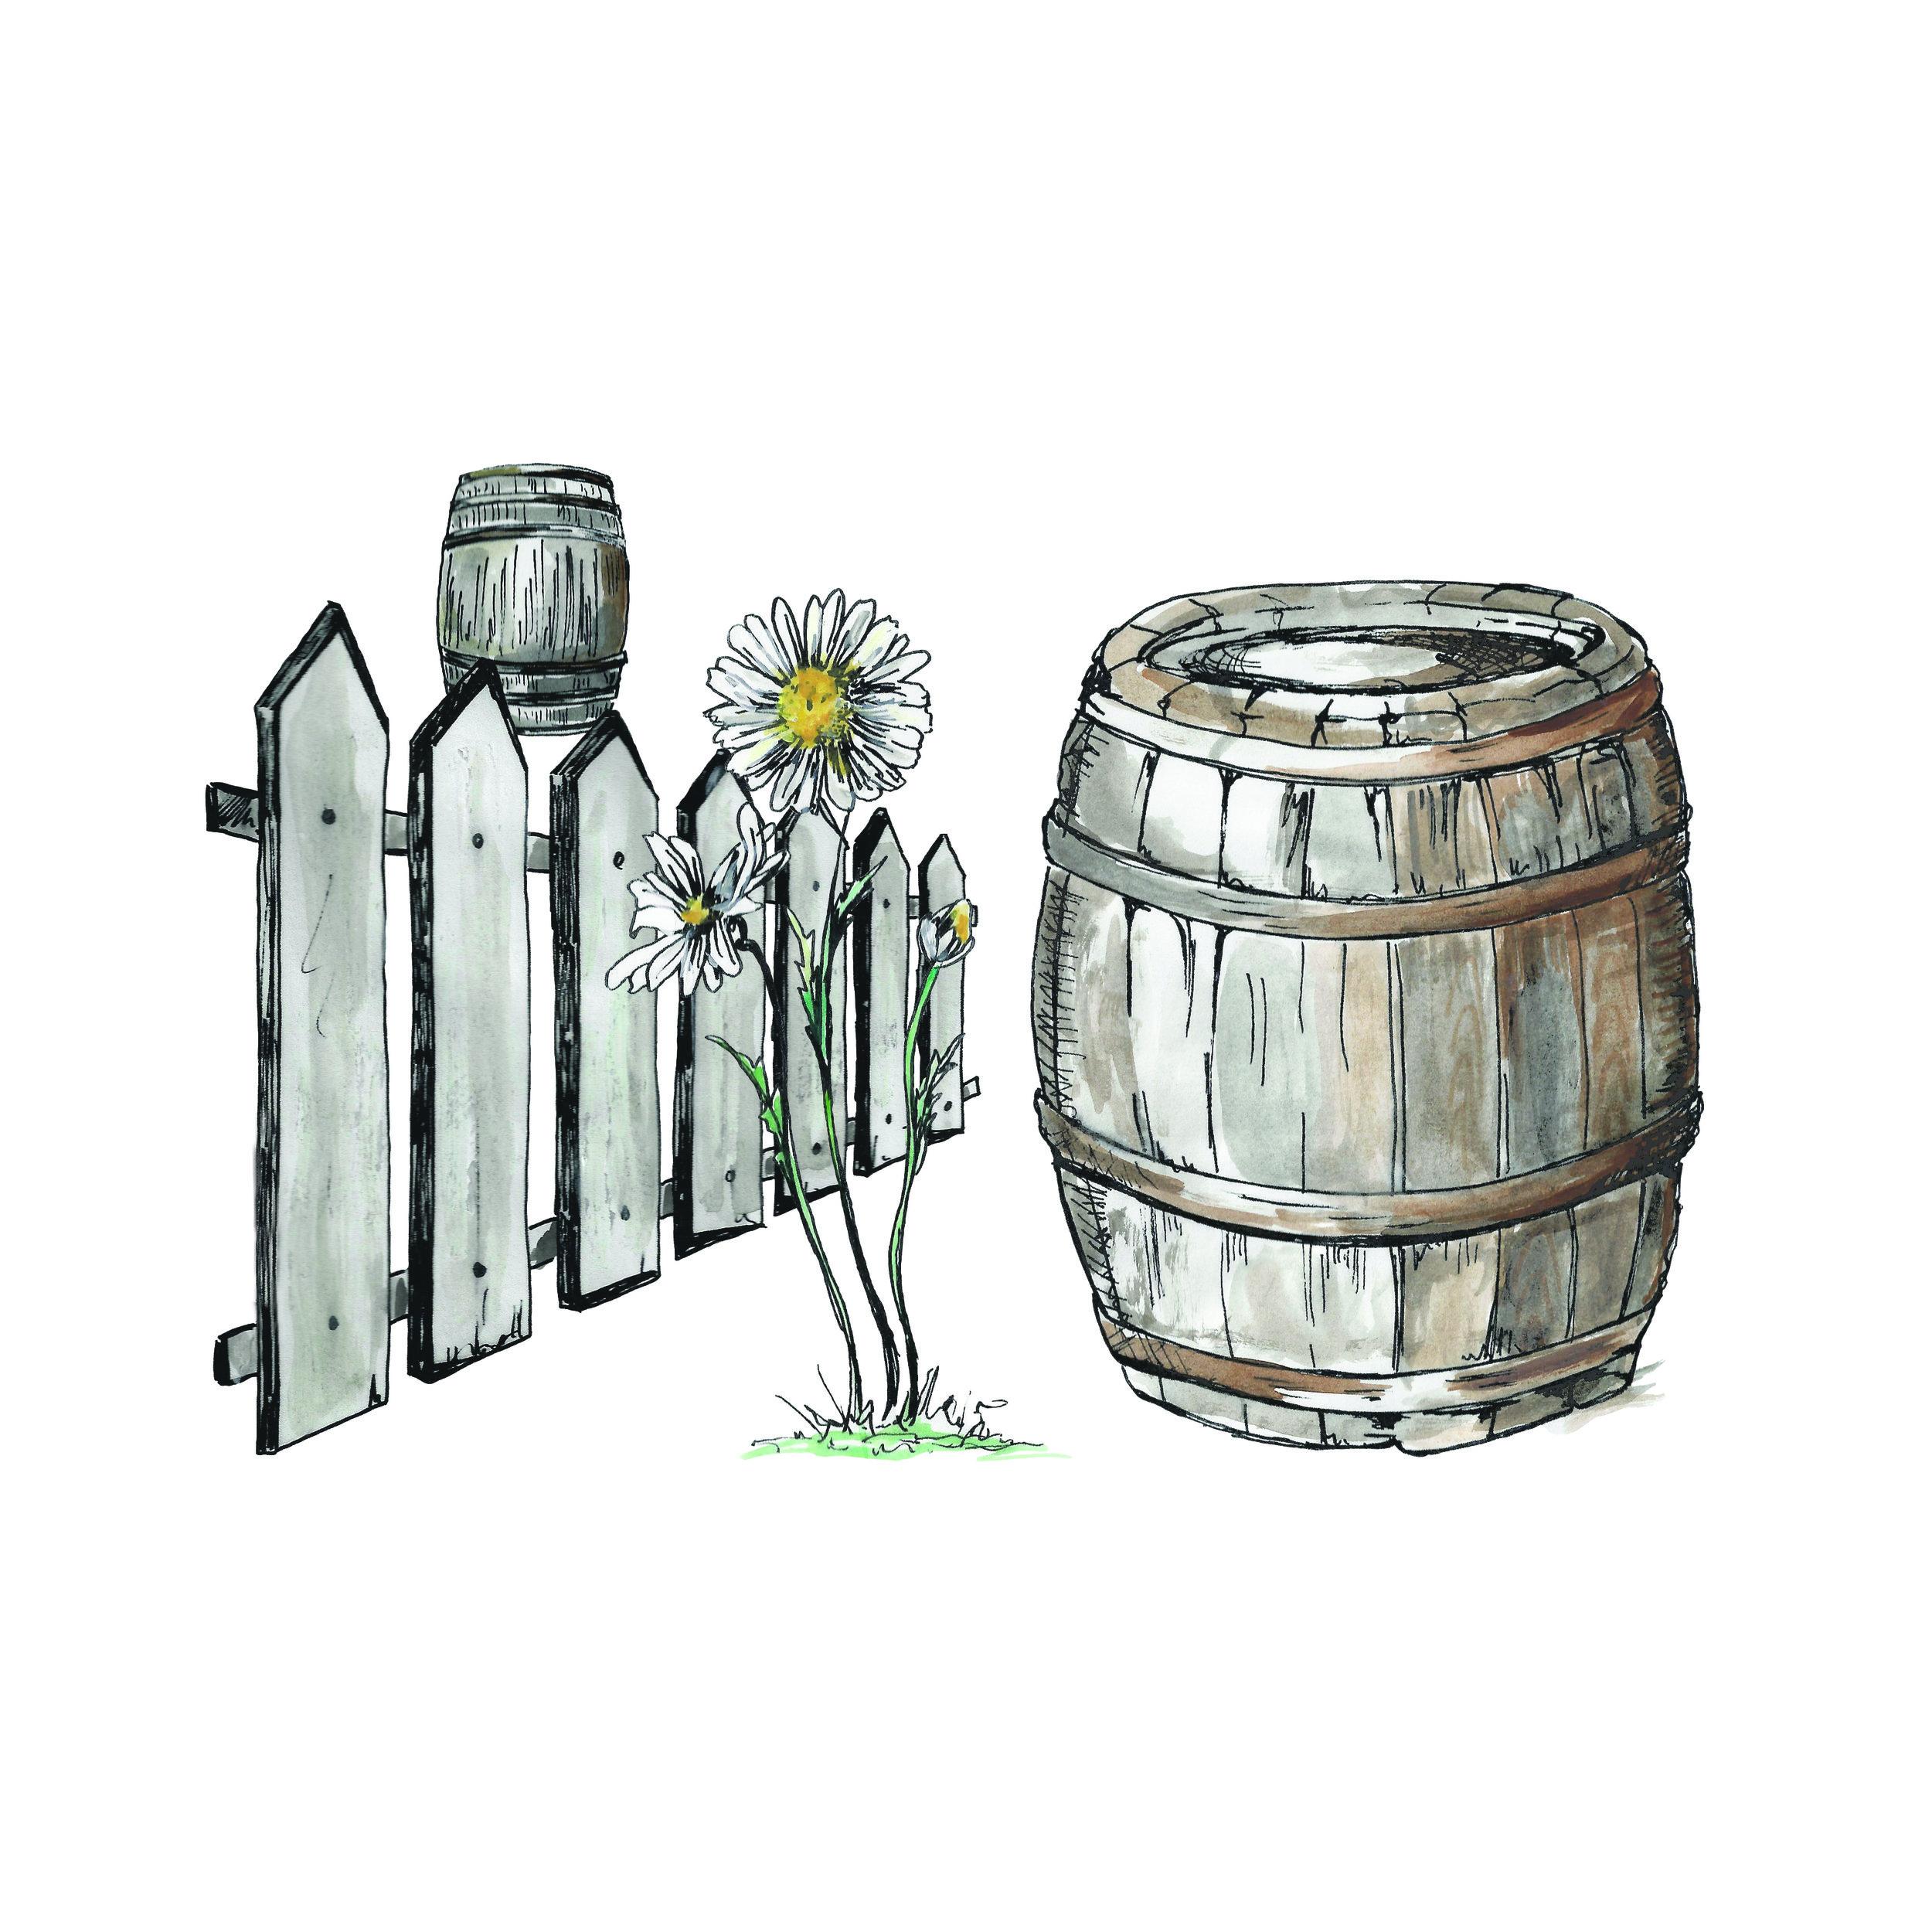 Barrels of Gin